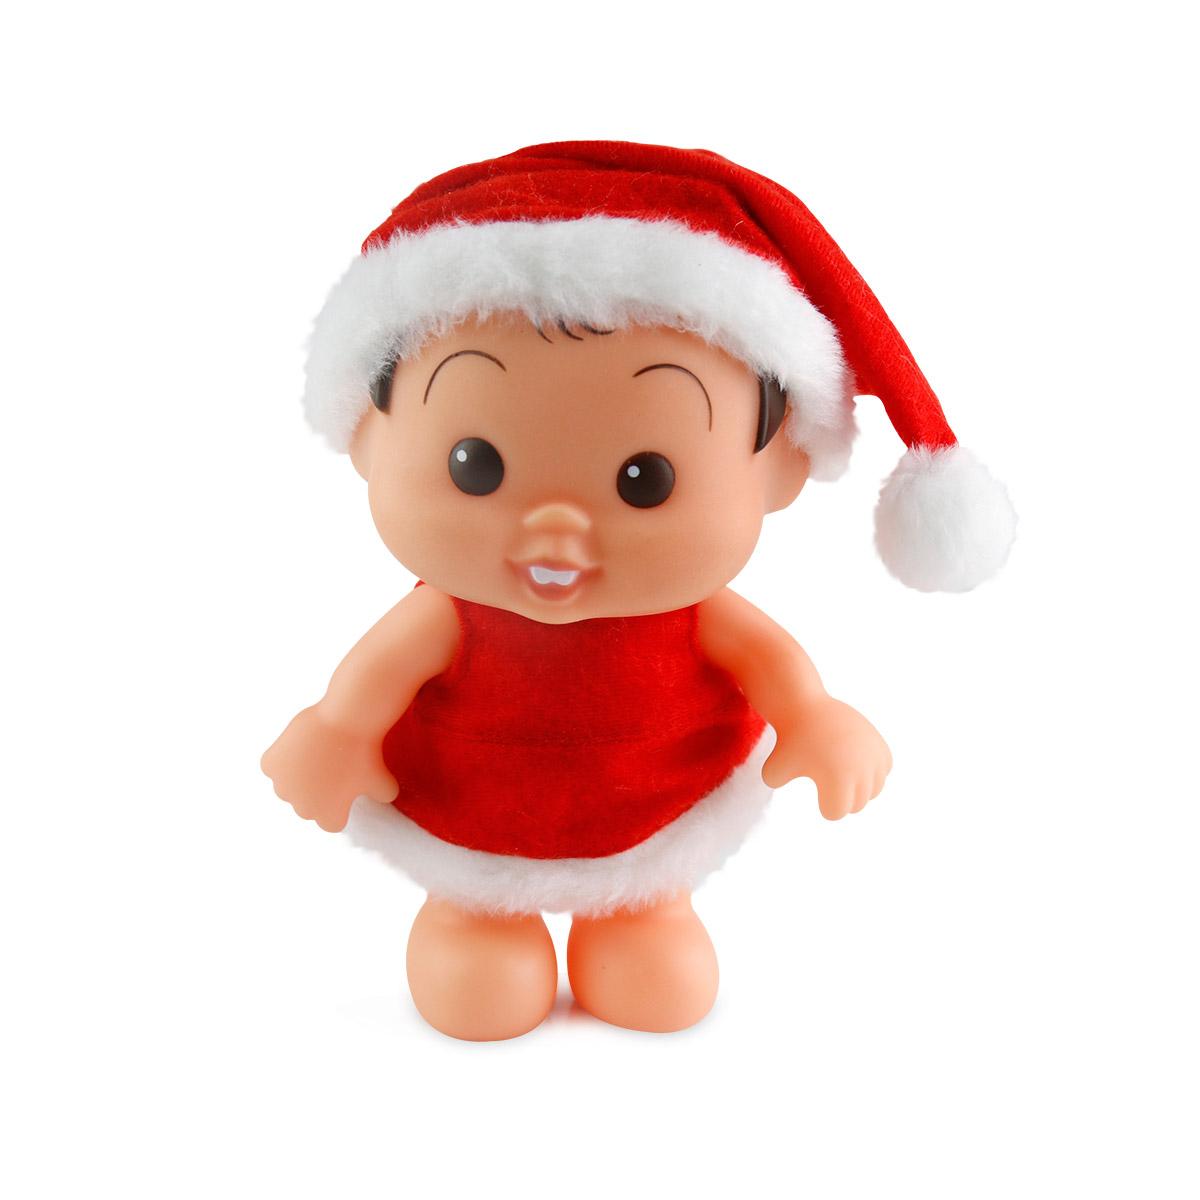 Boneco Turma da Mônica Bonitinha Natal